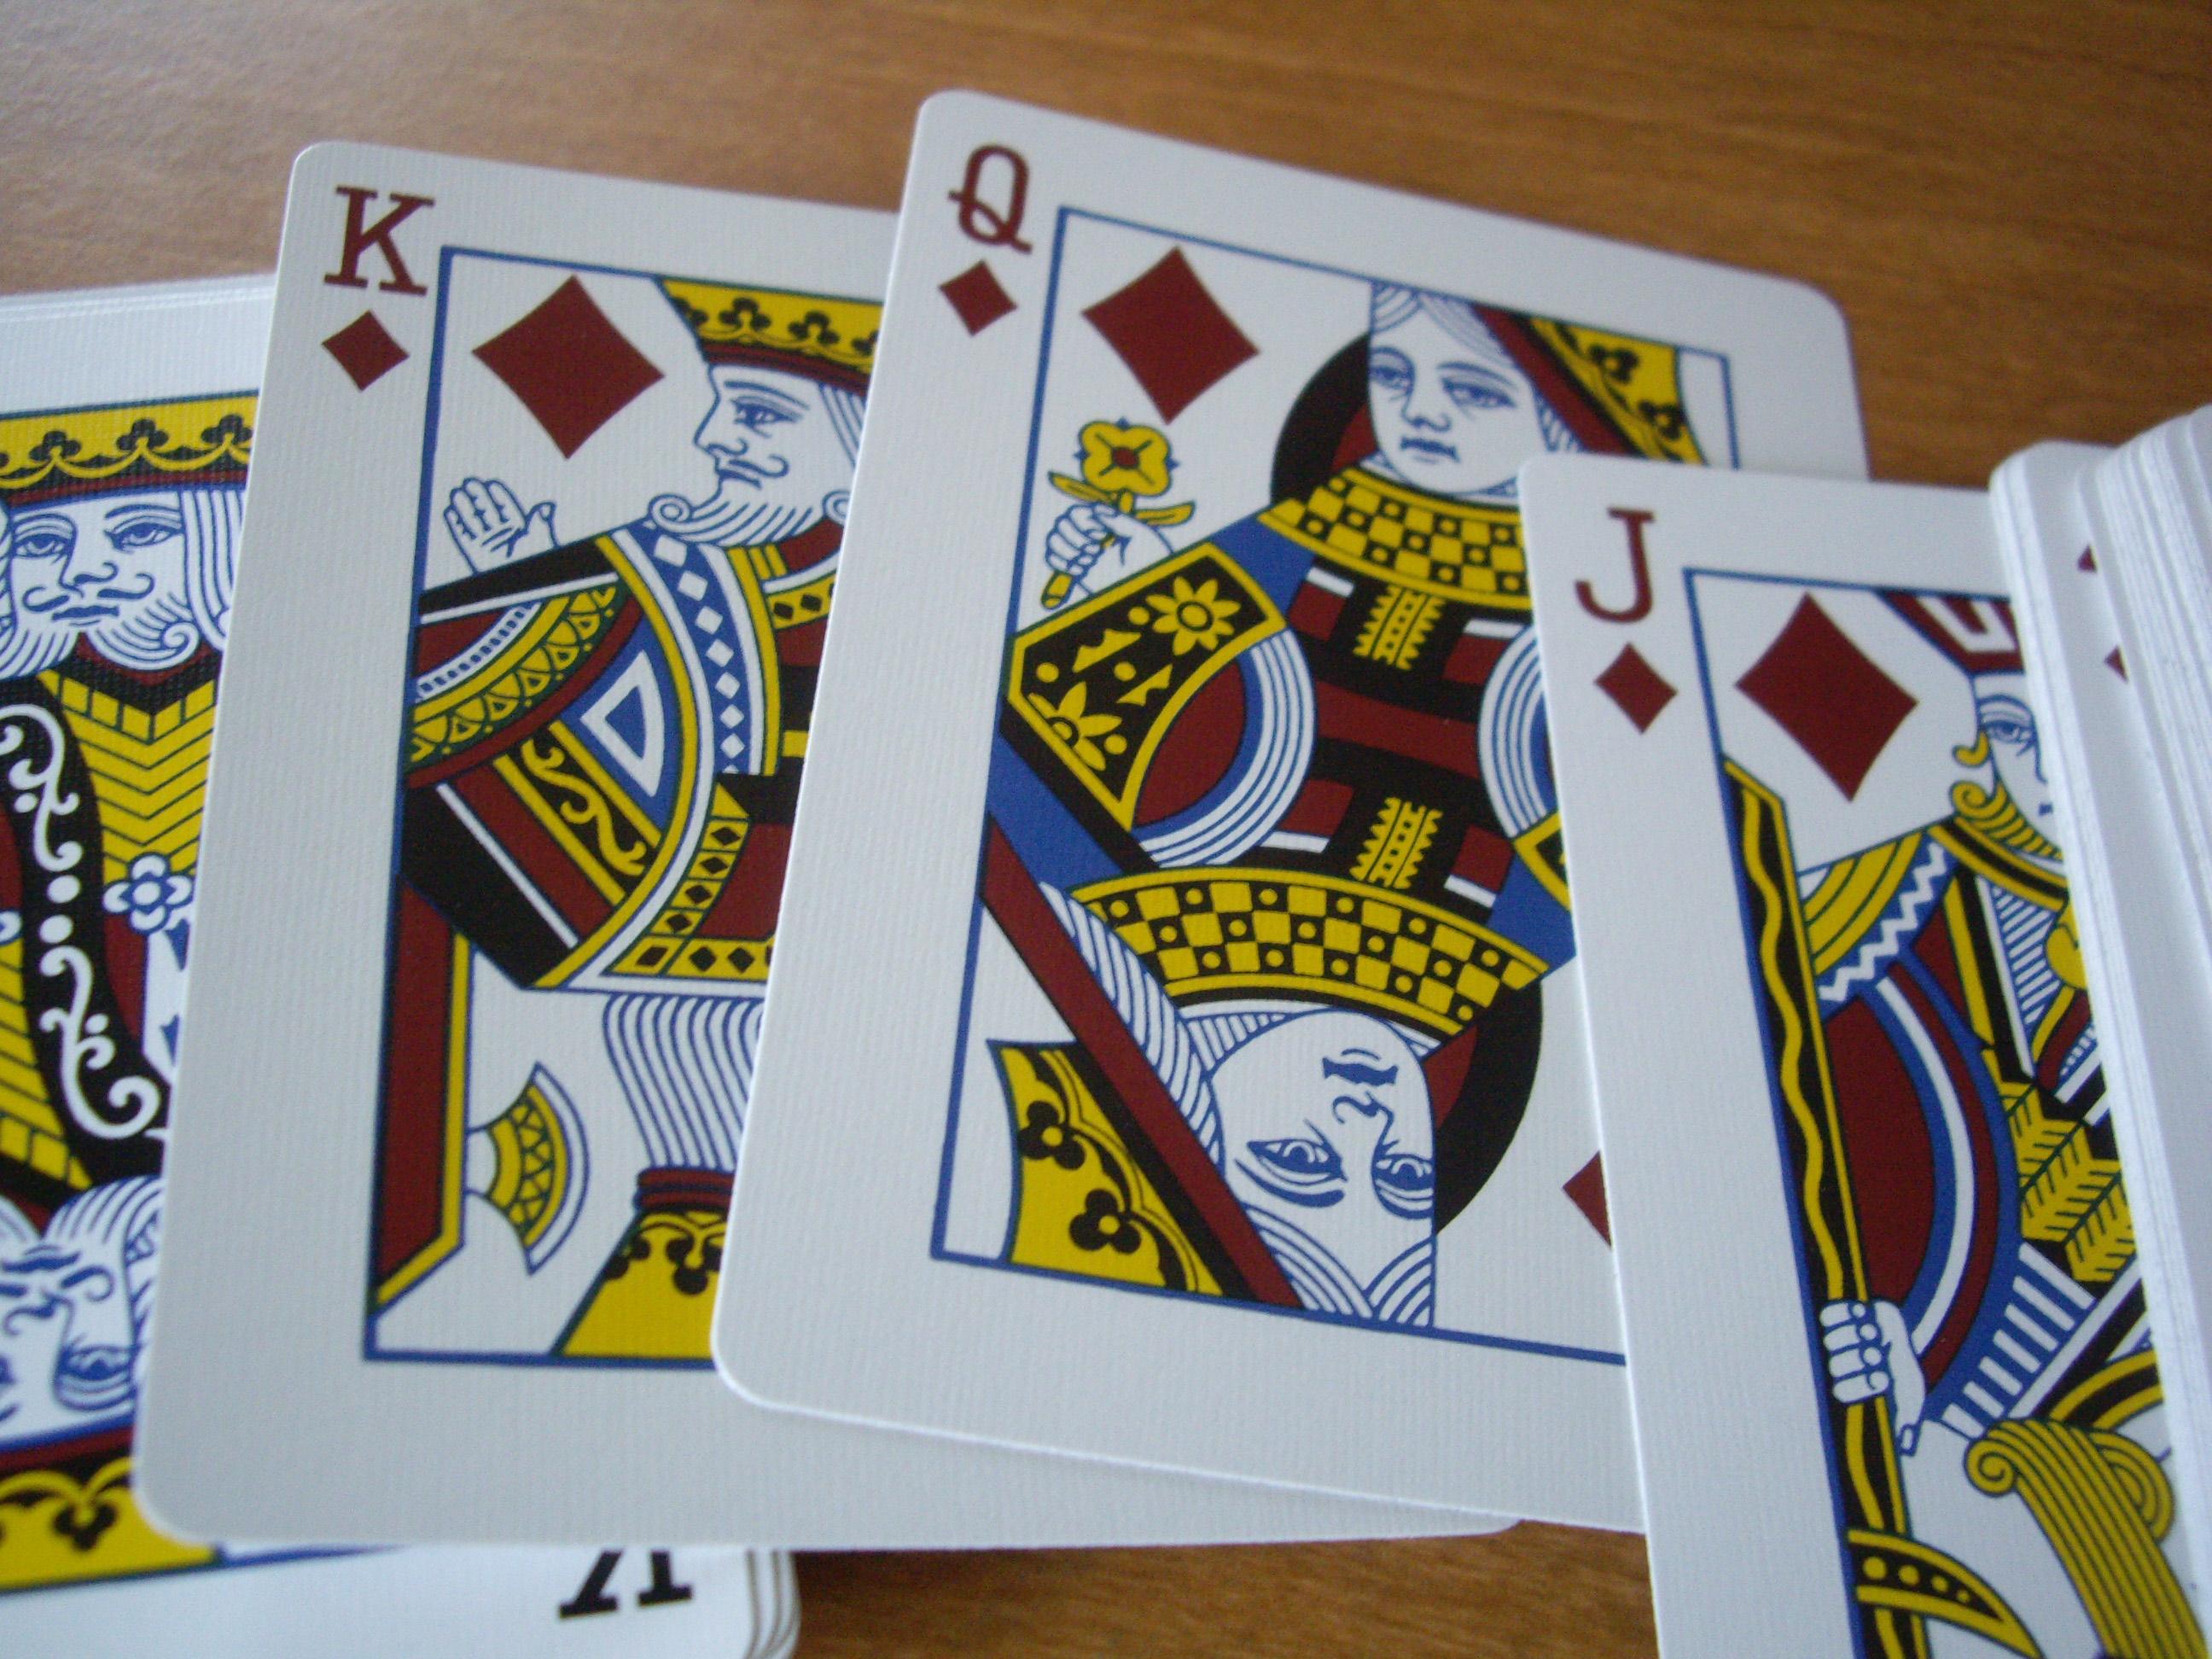 Wynn : Casino Red